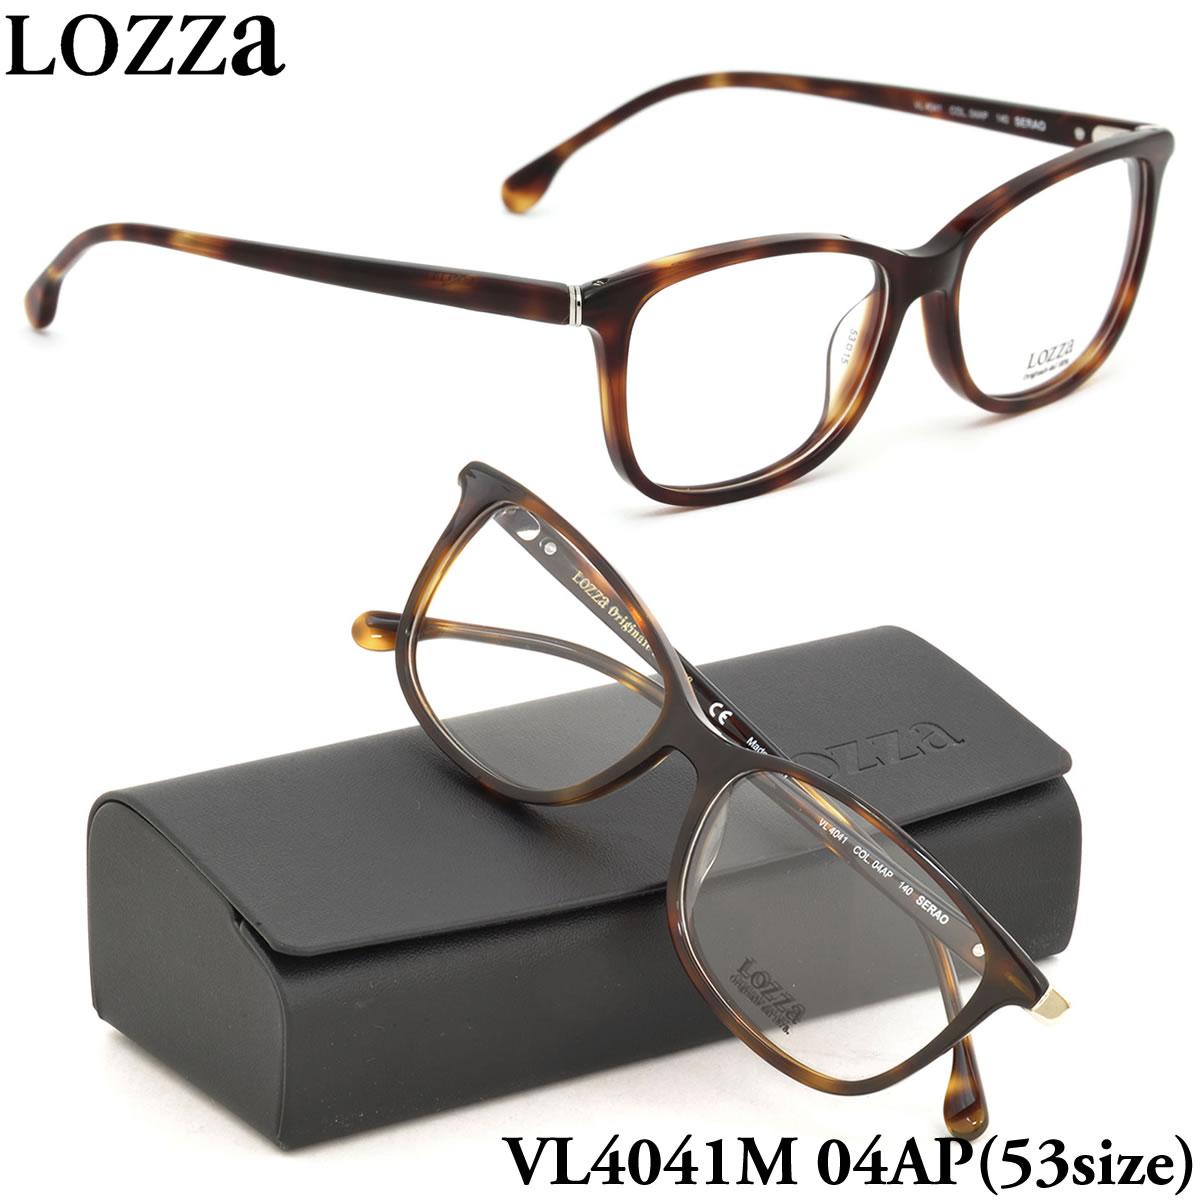 ほぼ全品ポイント15倍~最大43倍+3倍!お得なクーポンも! 【LOZZA】ロッツァ 眼鏡 メガネ フレーム VL4041M 04AP 53サイズ SERAO ボストン メンズ レディース